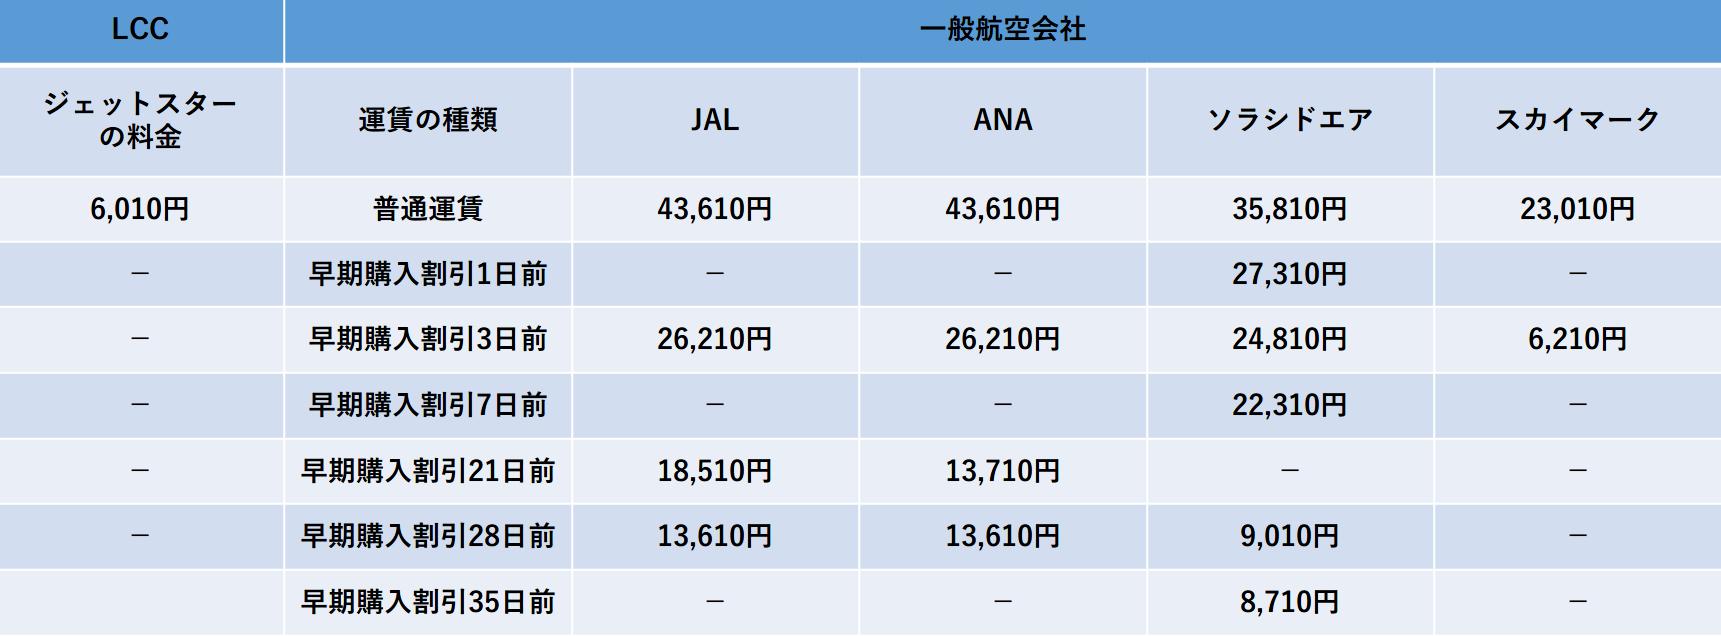 名古屋-沖縄の航空会社別料金比較表